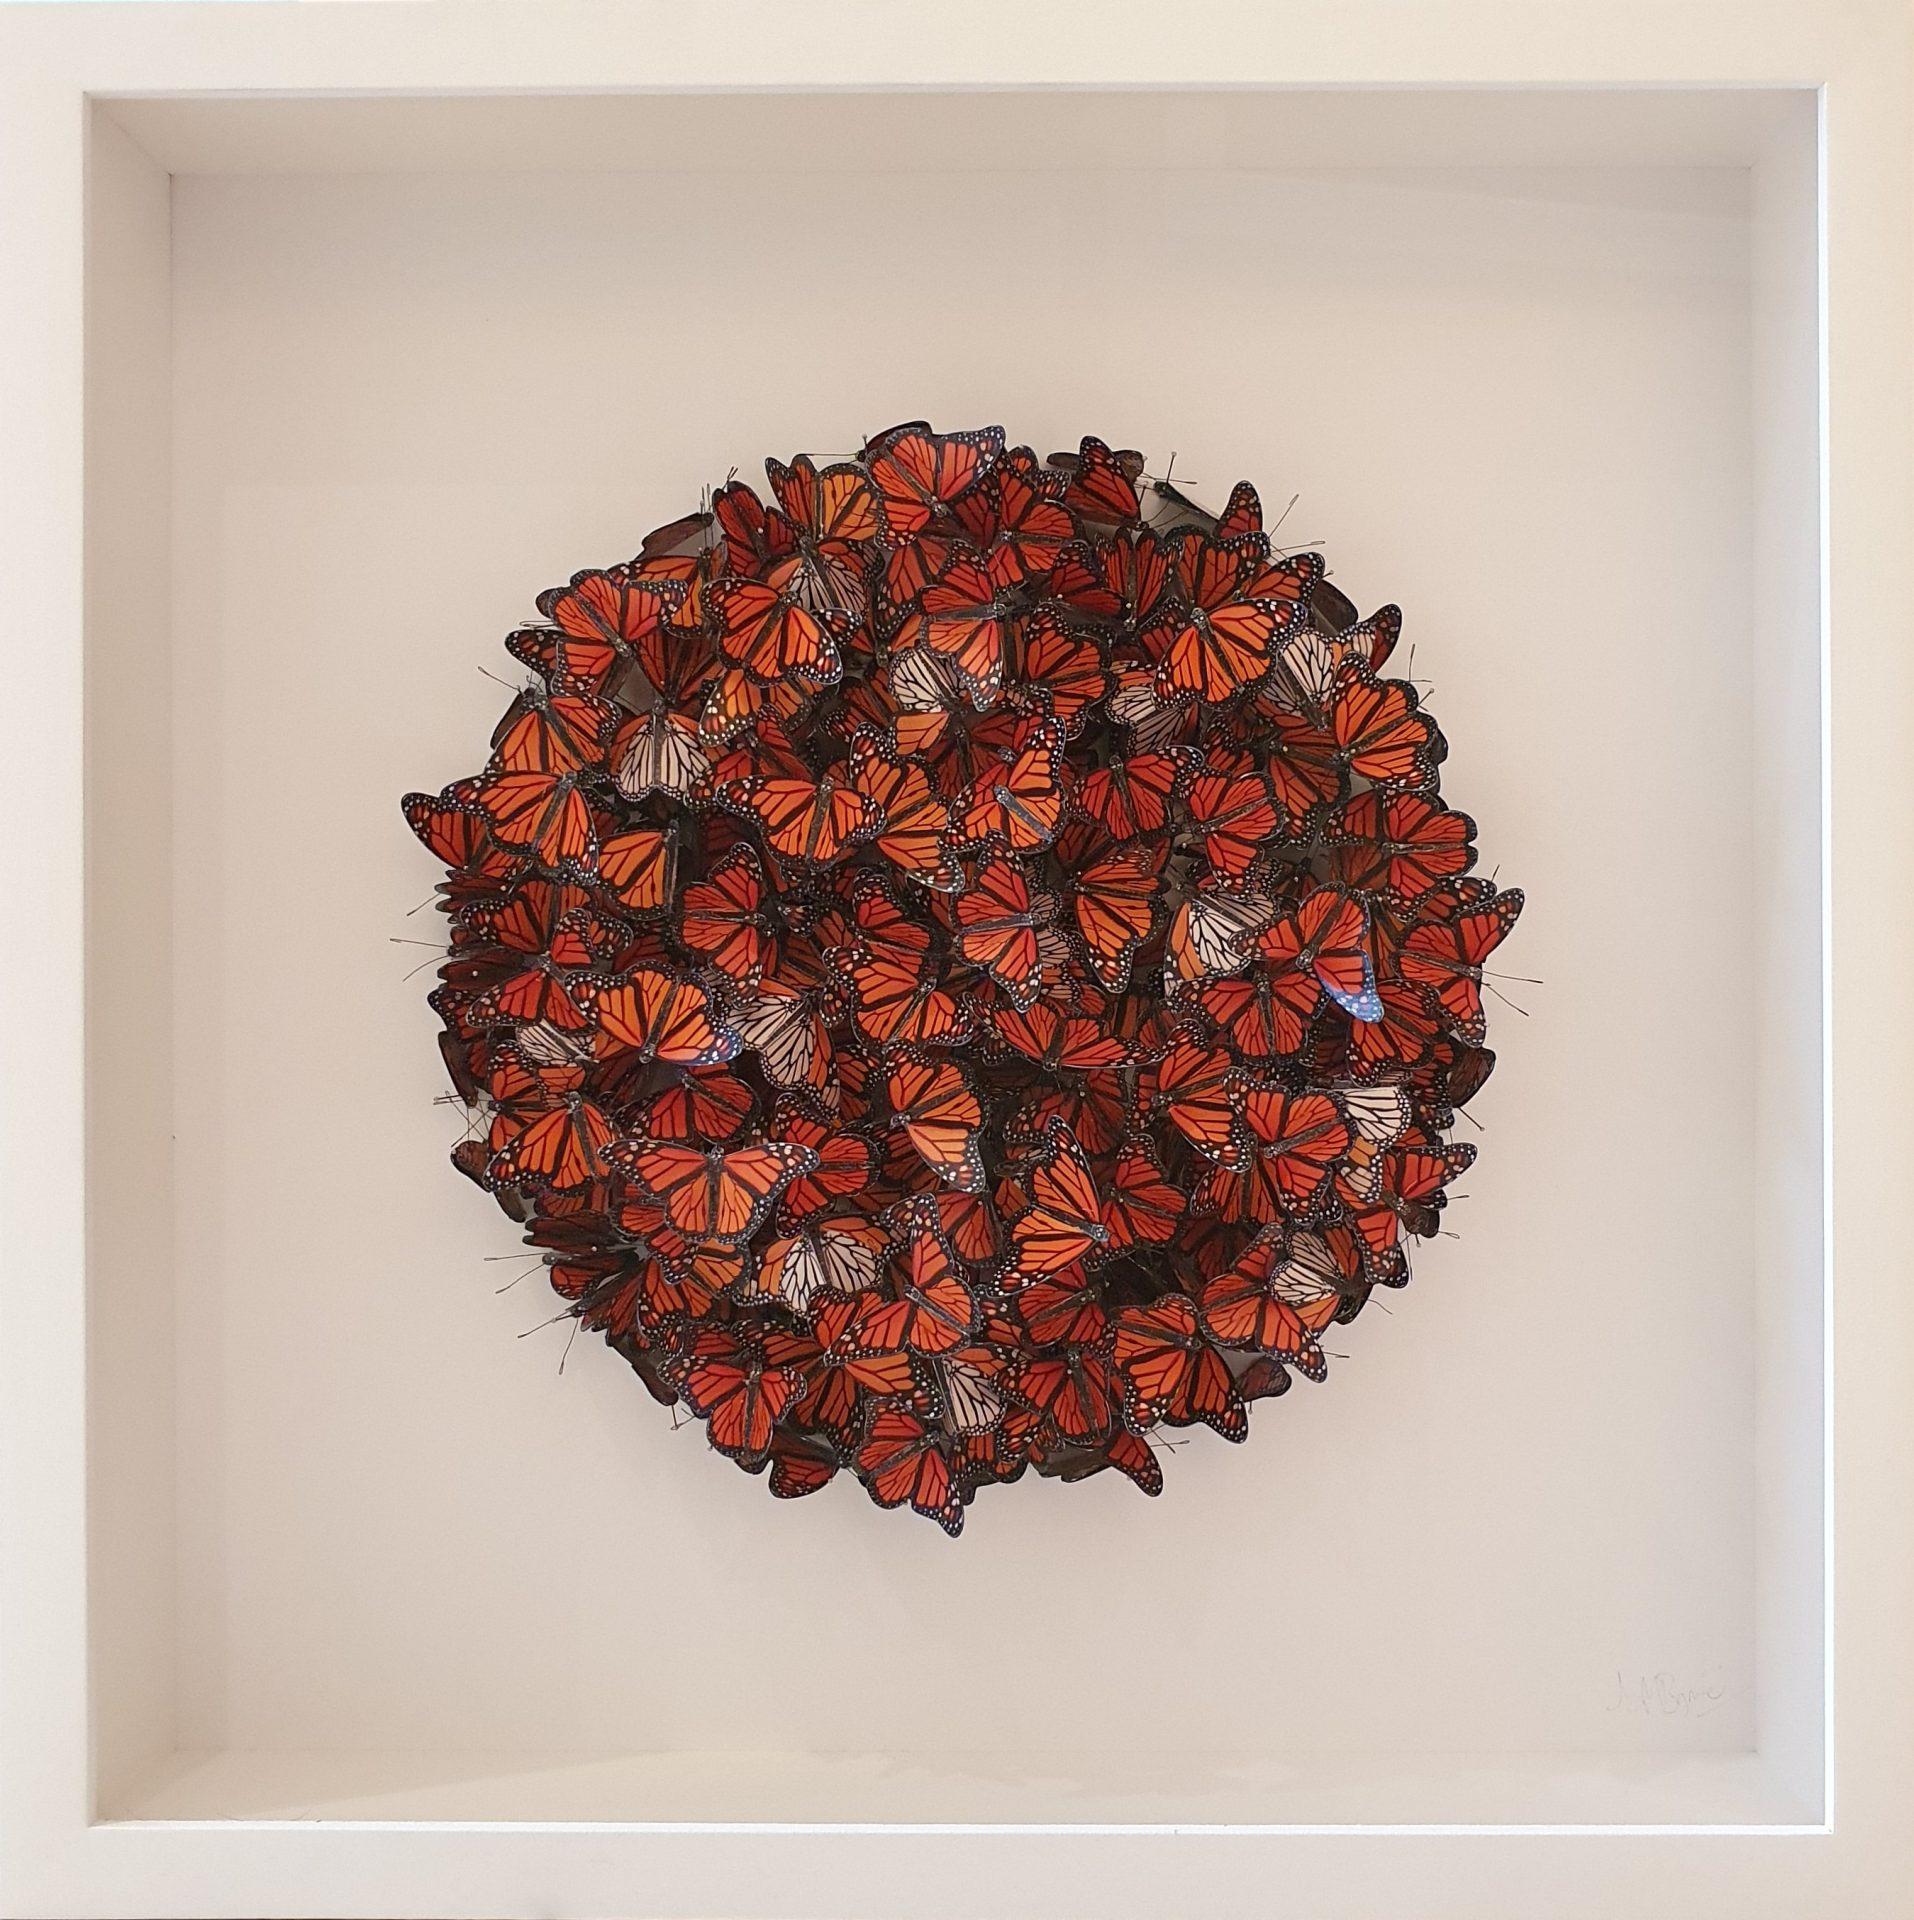 Daniel Byrne Orange Monarch Cluster 2 butterfly wall art for sale